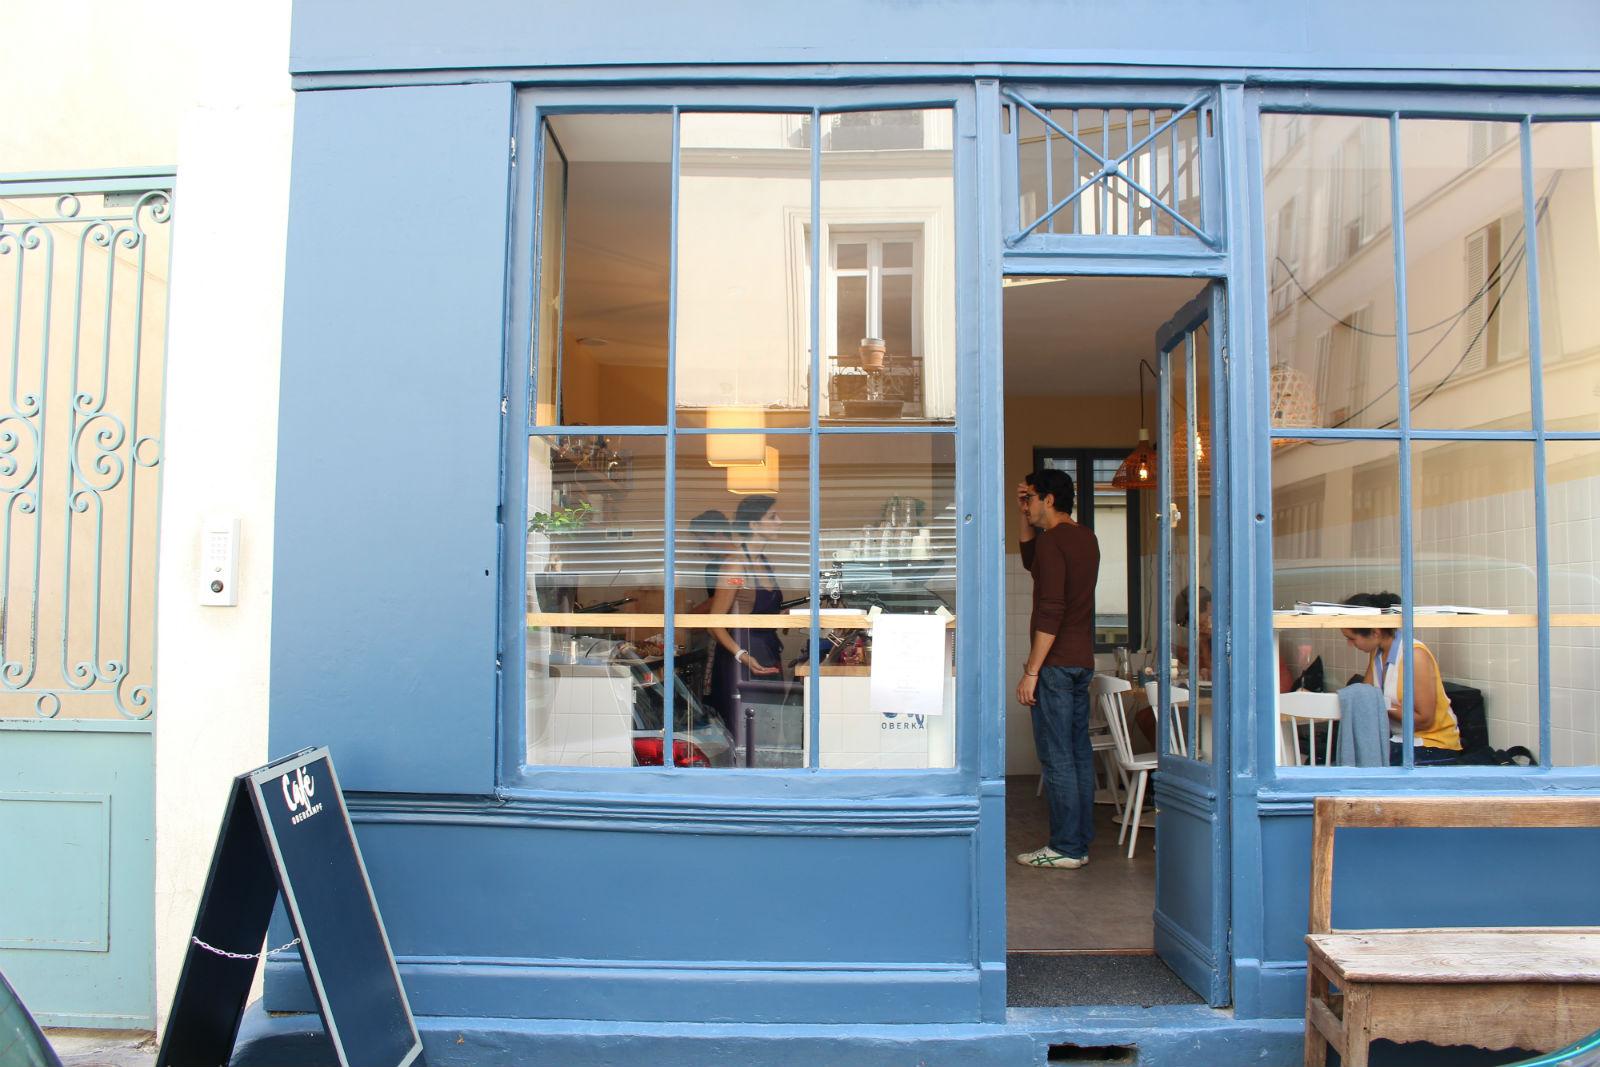 HiP Paris blog. Cafe Oberkampf. Front view.